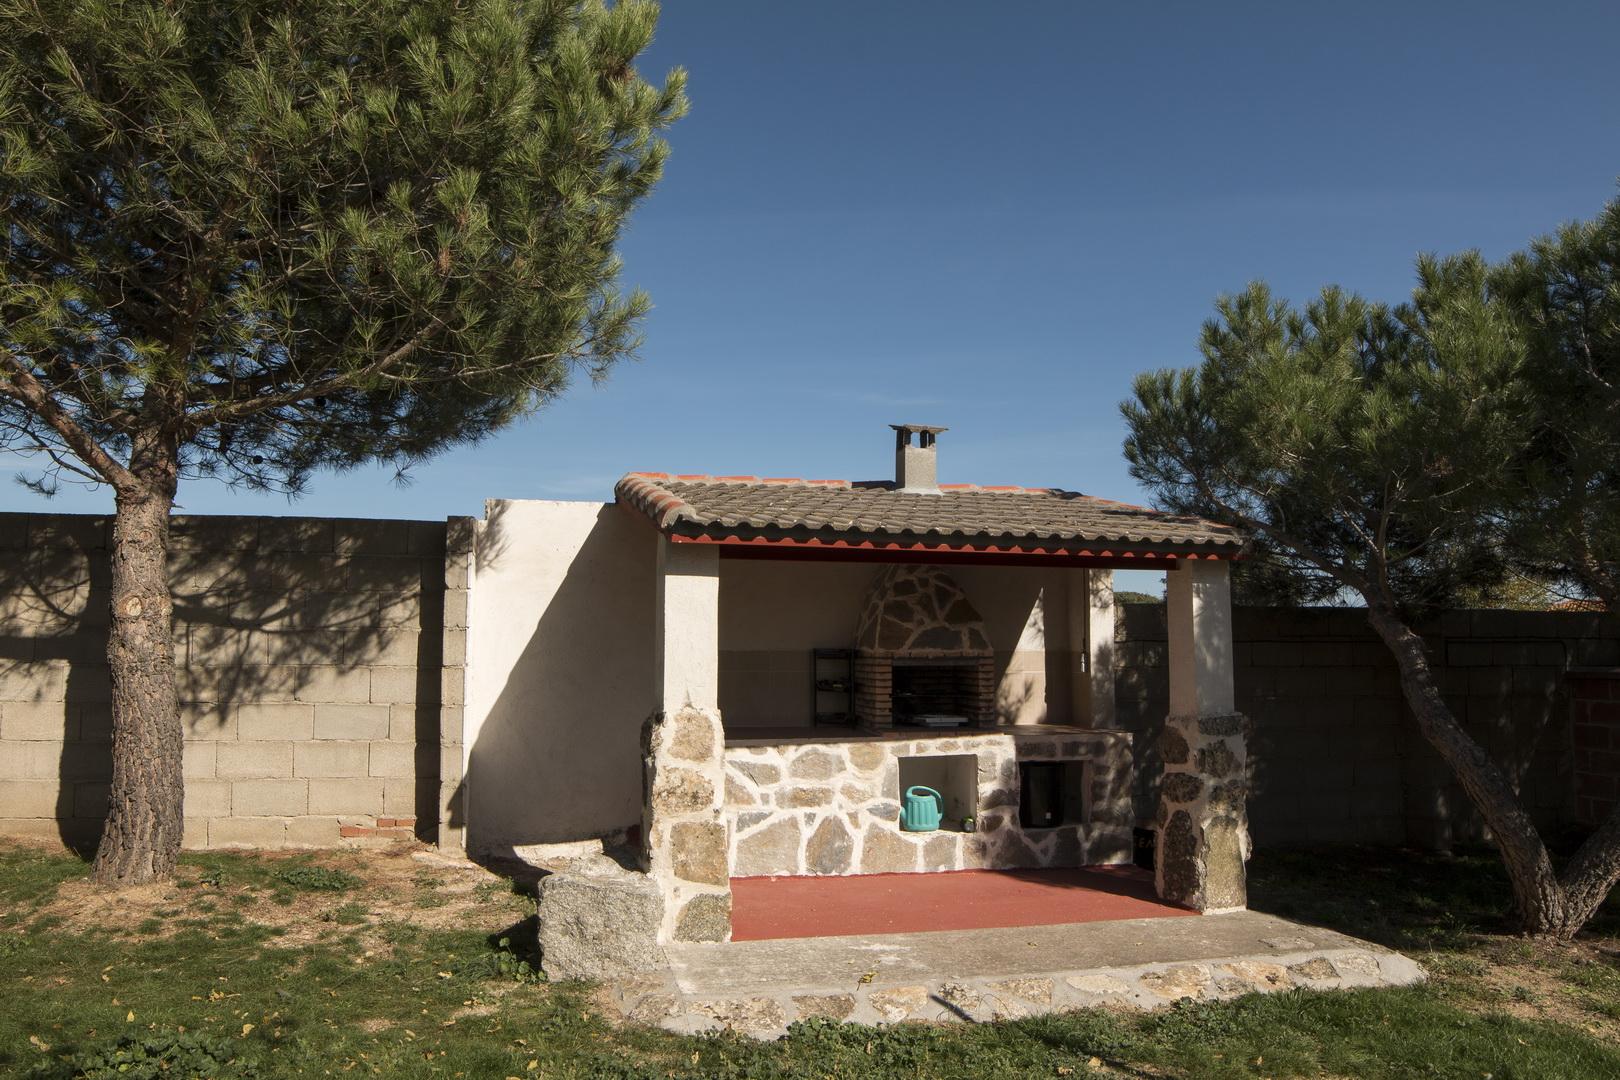 Casa carlentini casa rural en avila casa lentini y carentini turismo rural - Casa rural original ...